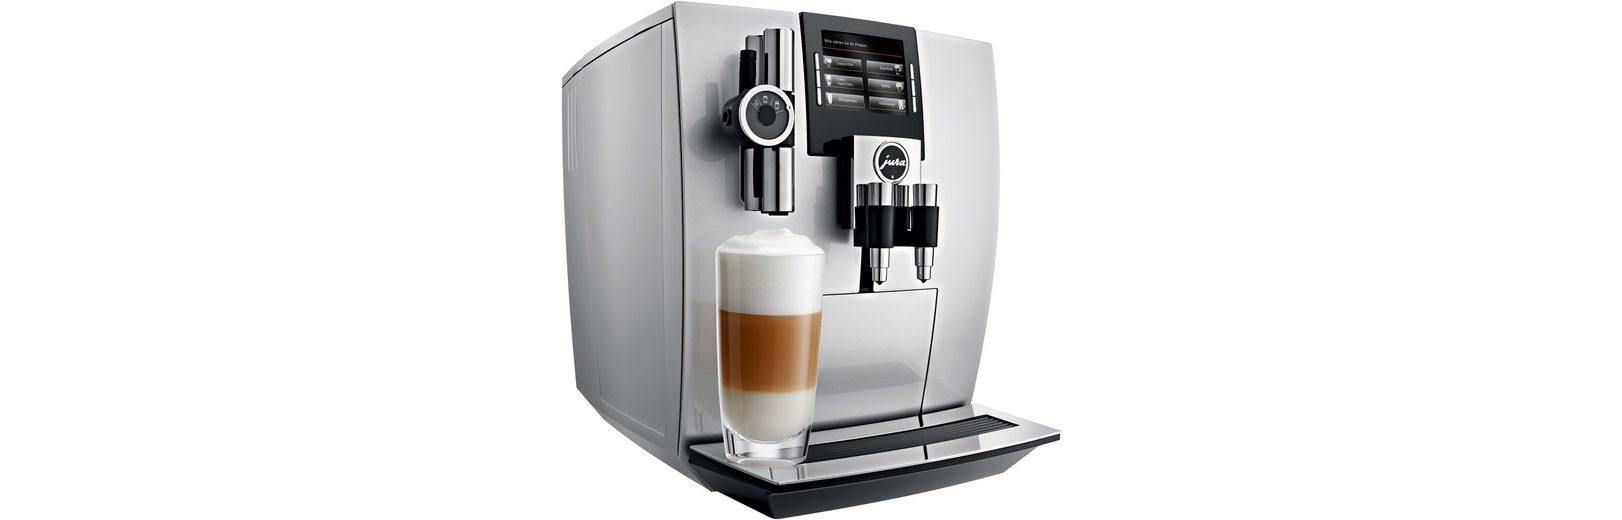 Jura Espresso-/Kaffee-Vollautomat 15038 J90, Brillantsilber